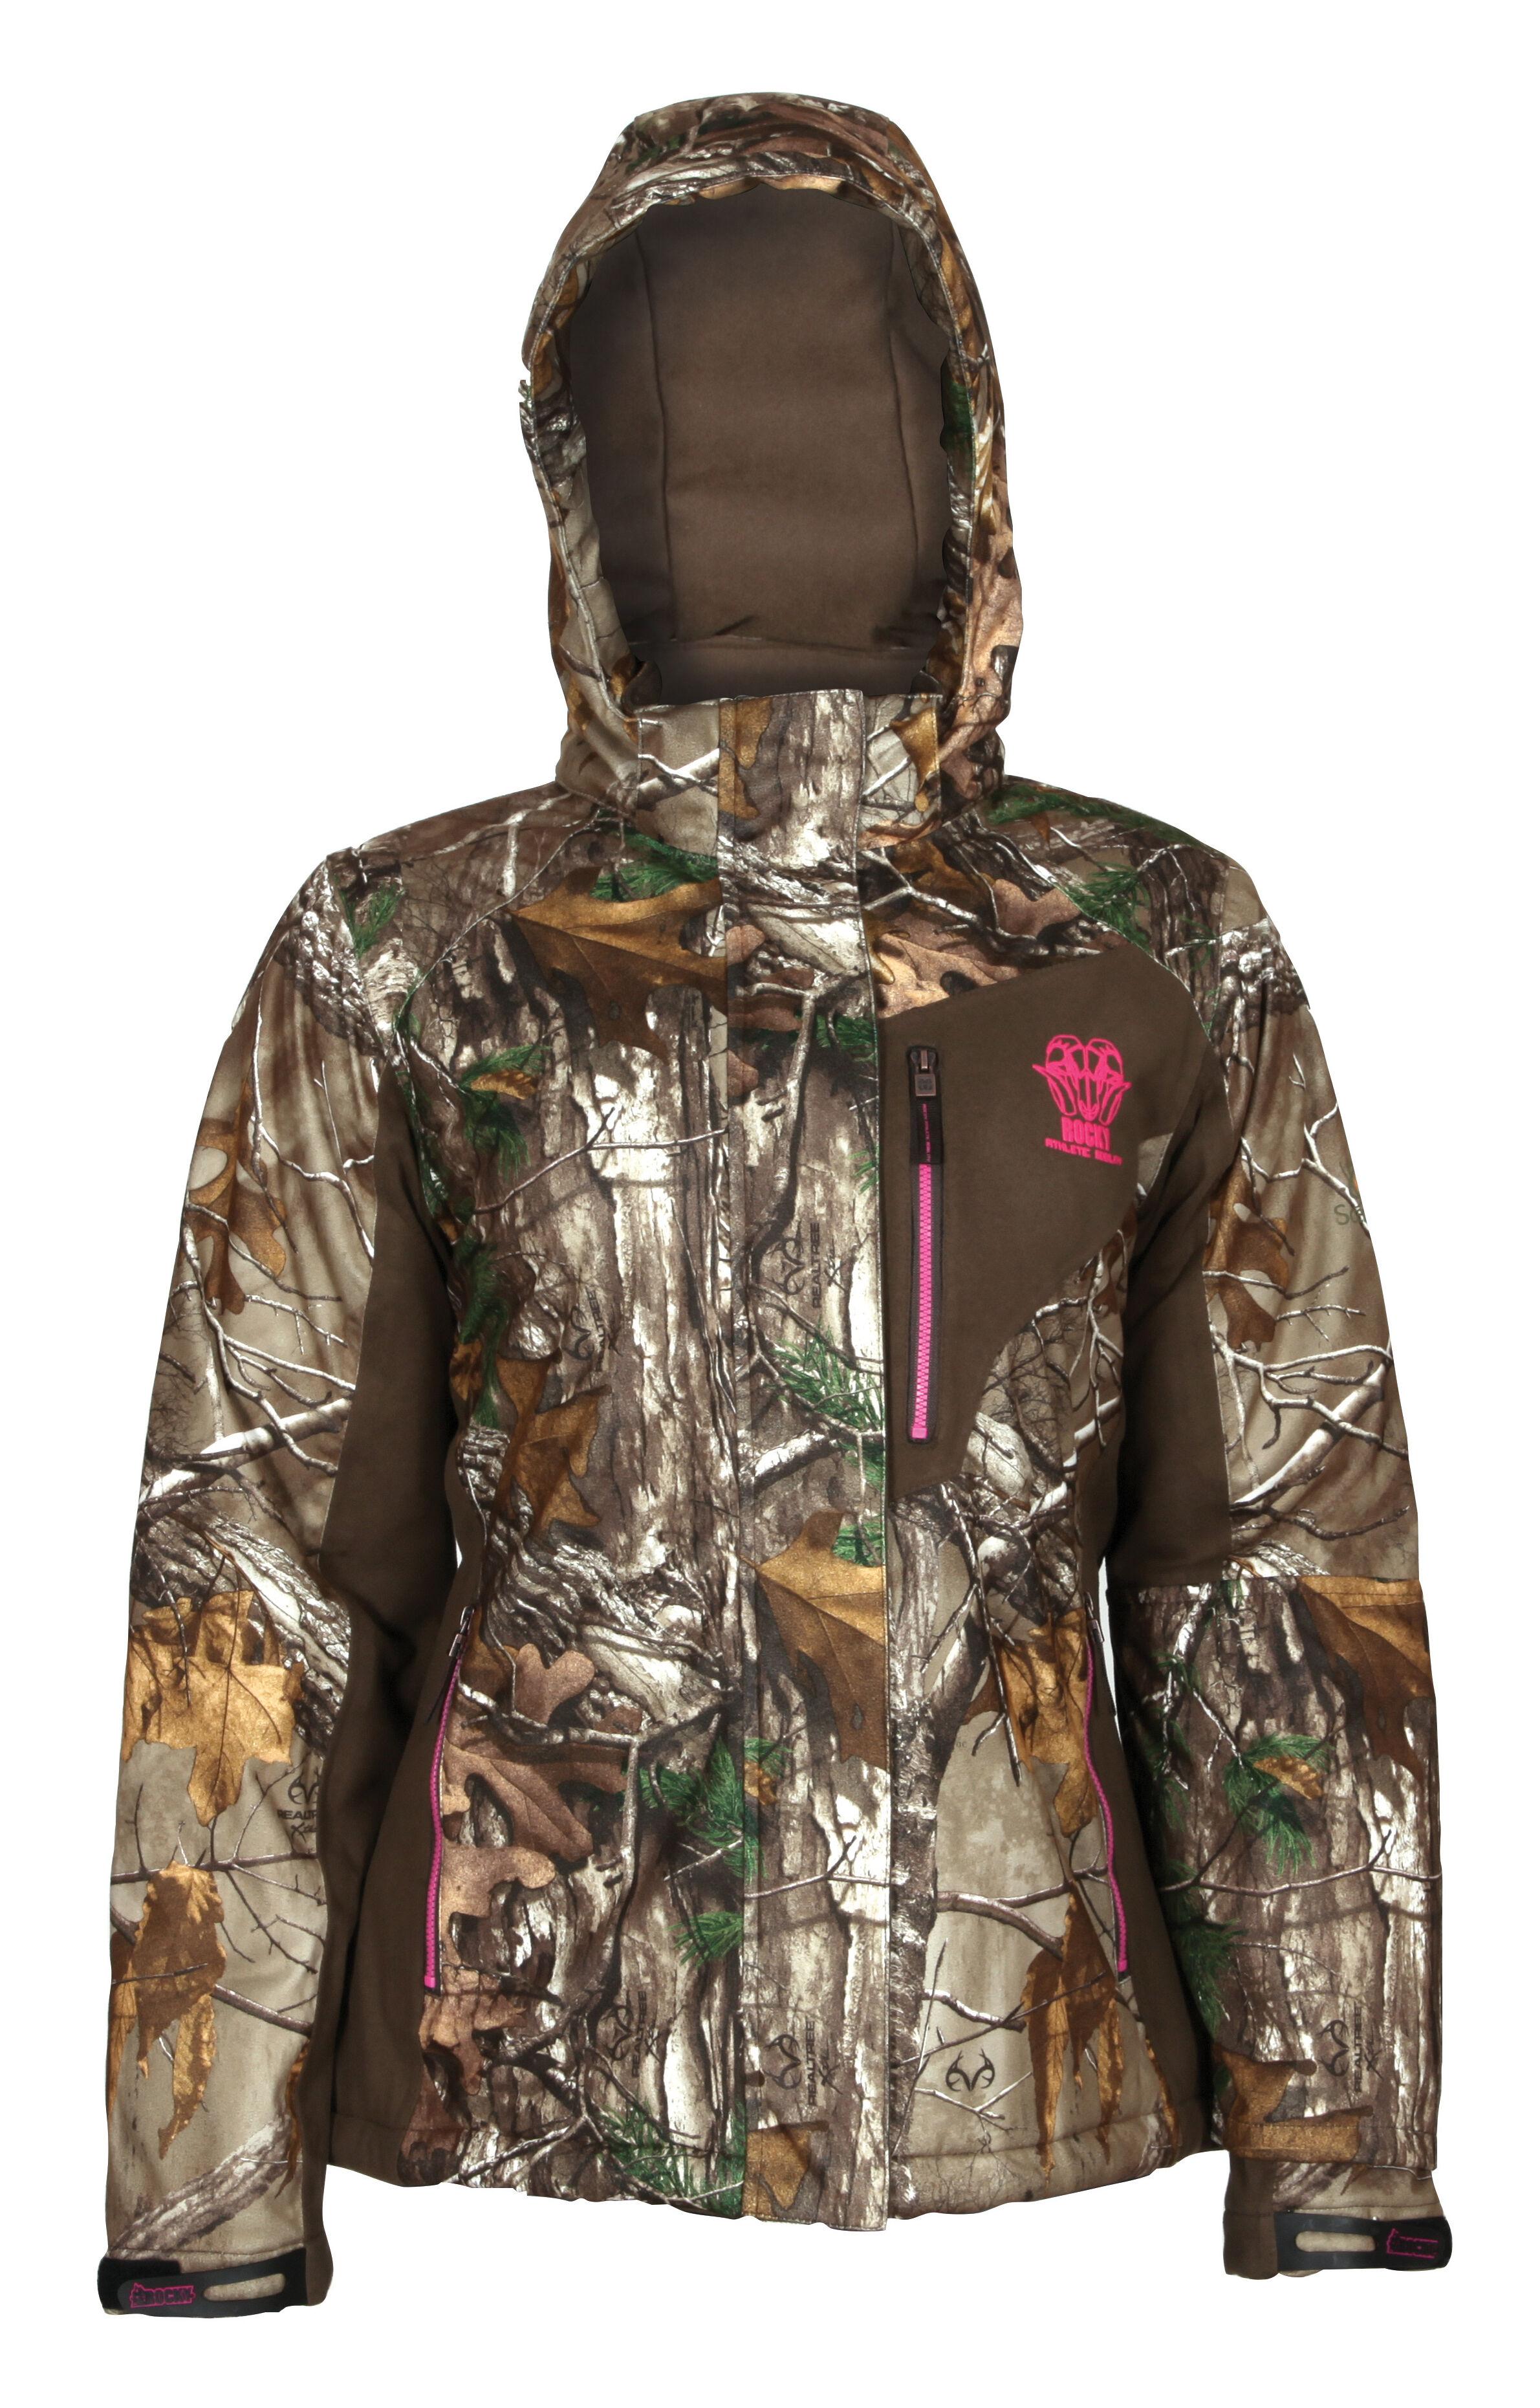 Realtree womens hunting jacket